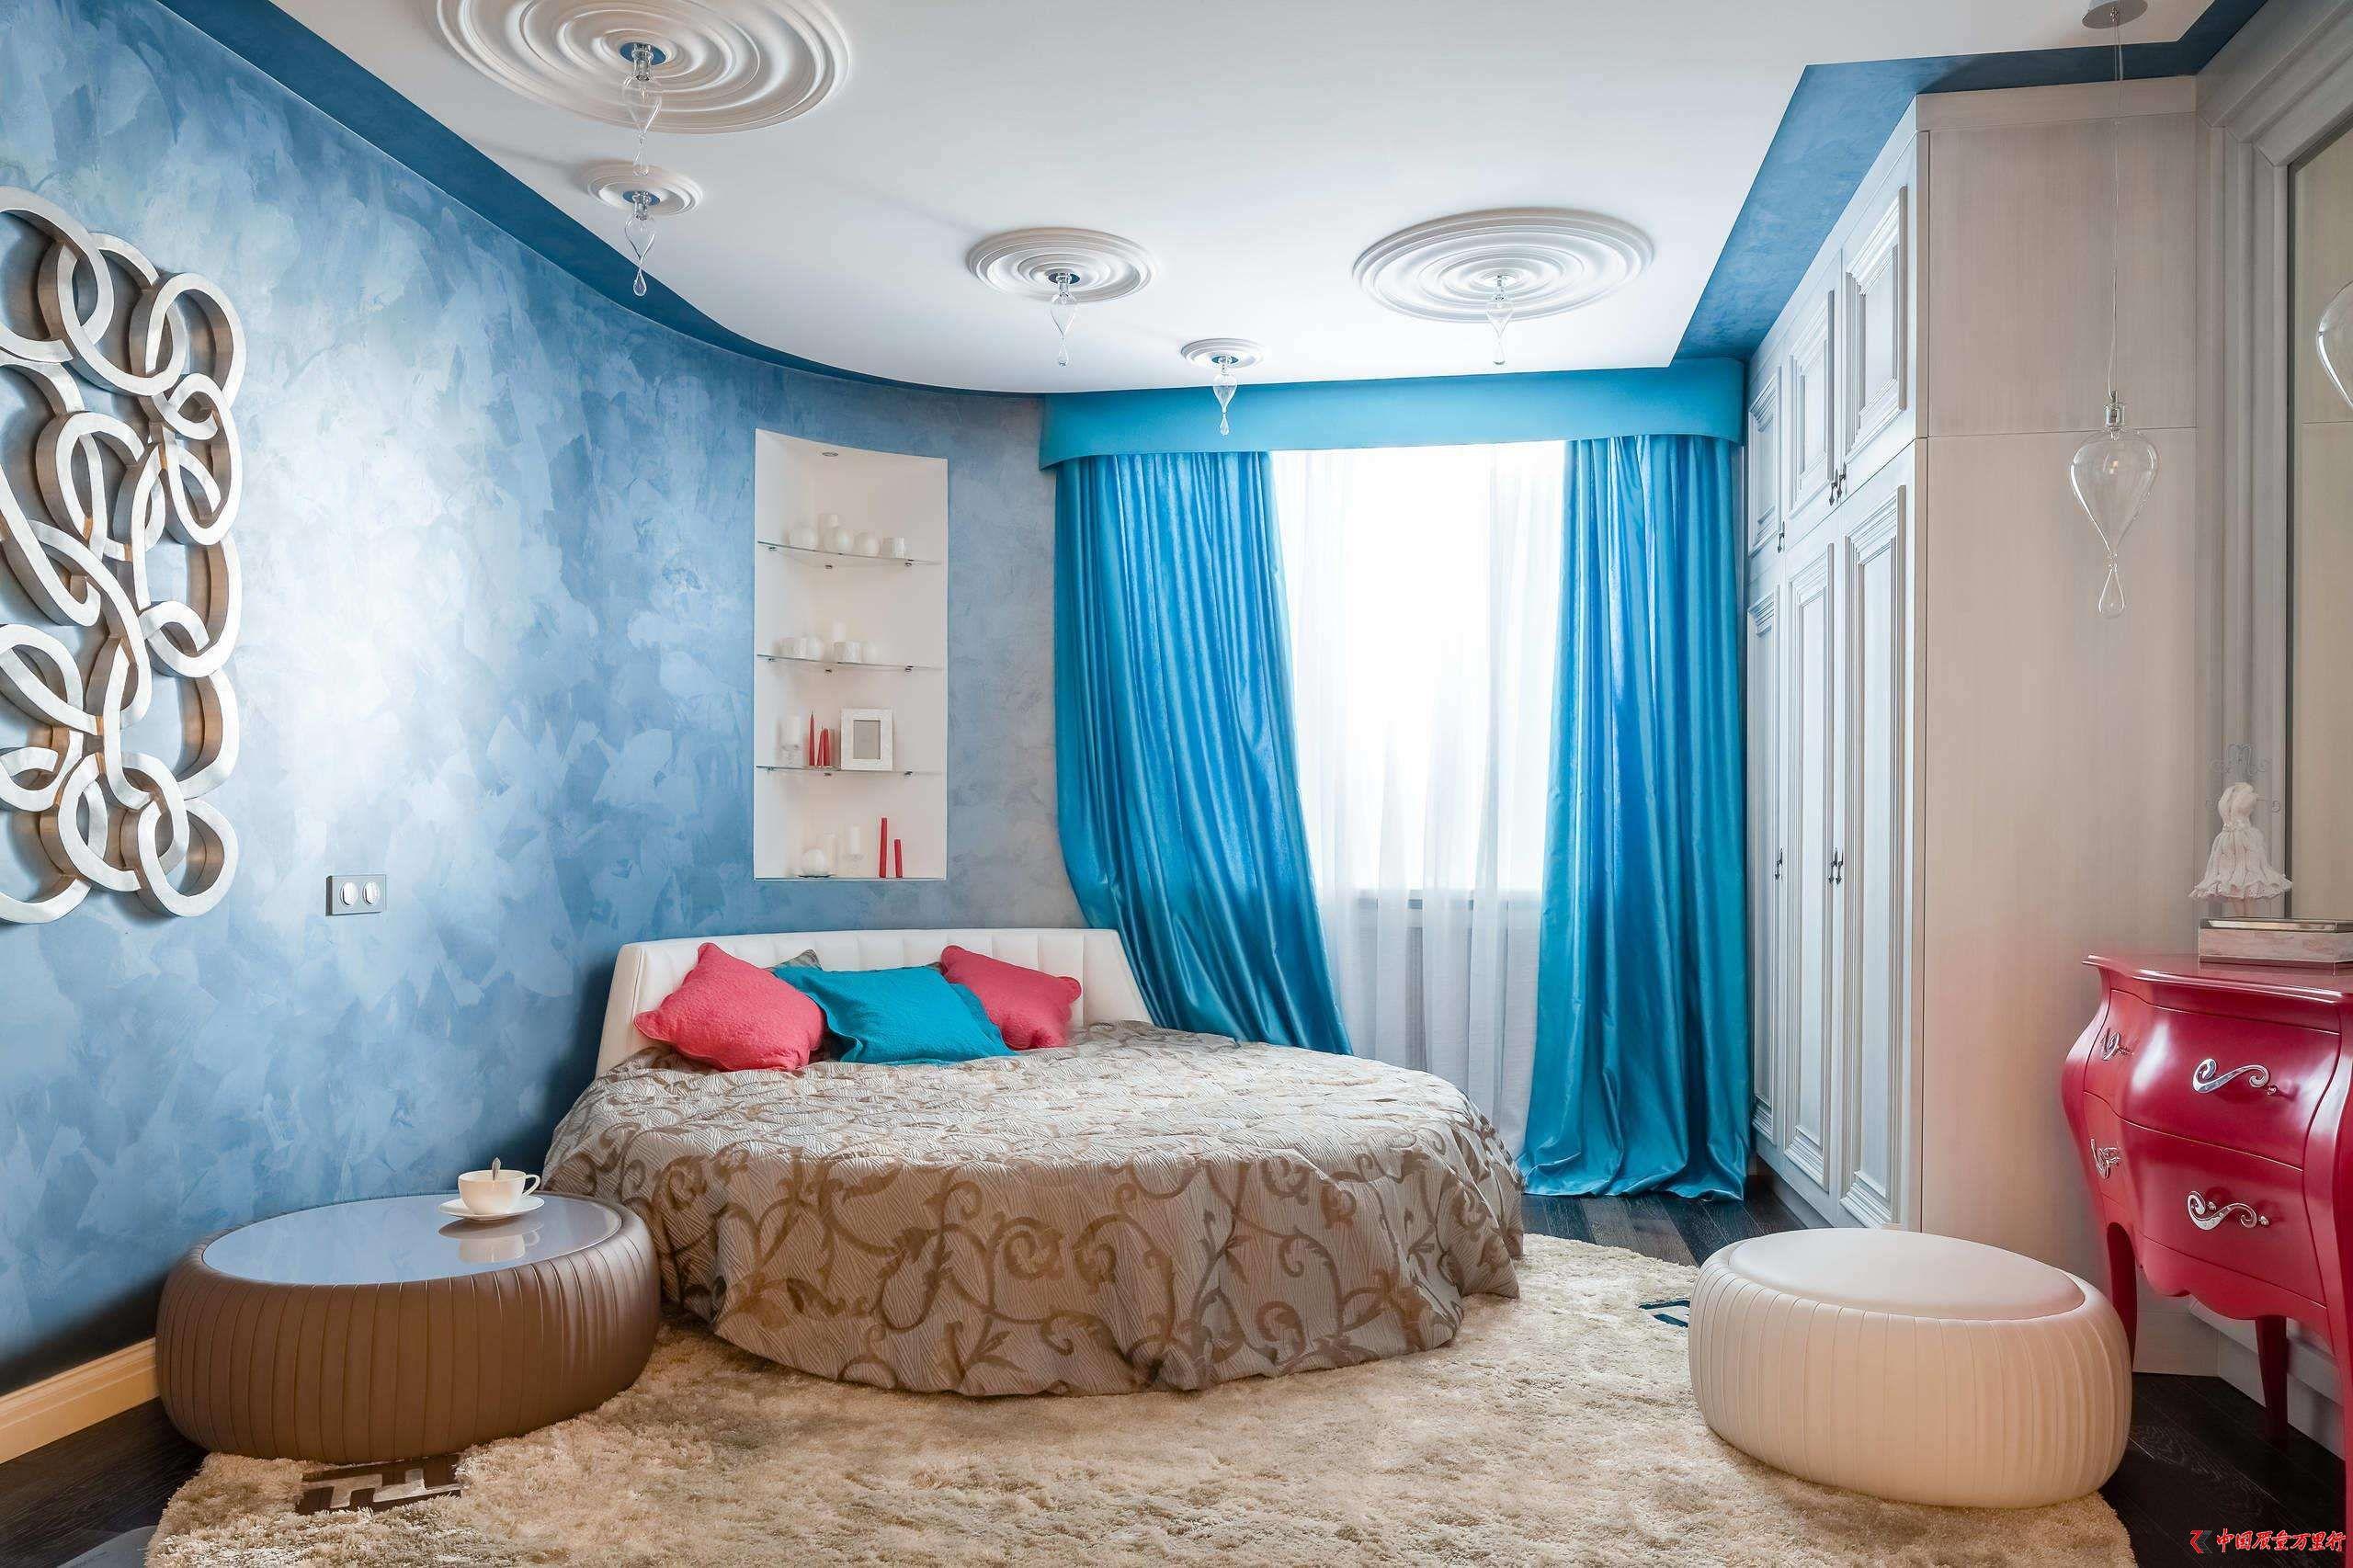 卧室变大不是梦,让装修达人教你空间放大术!